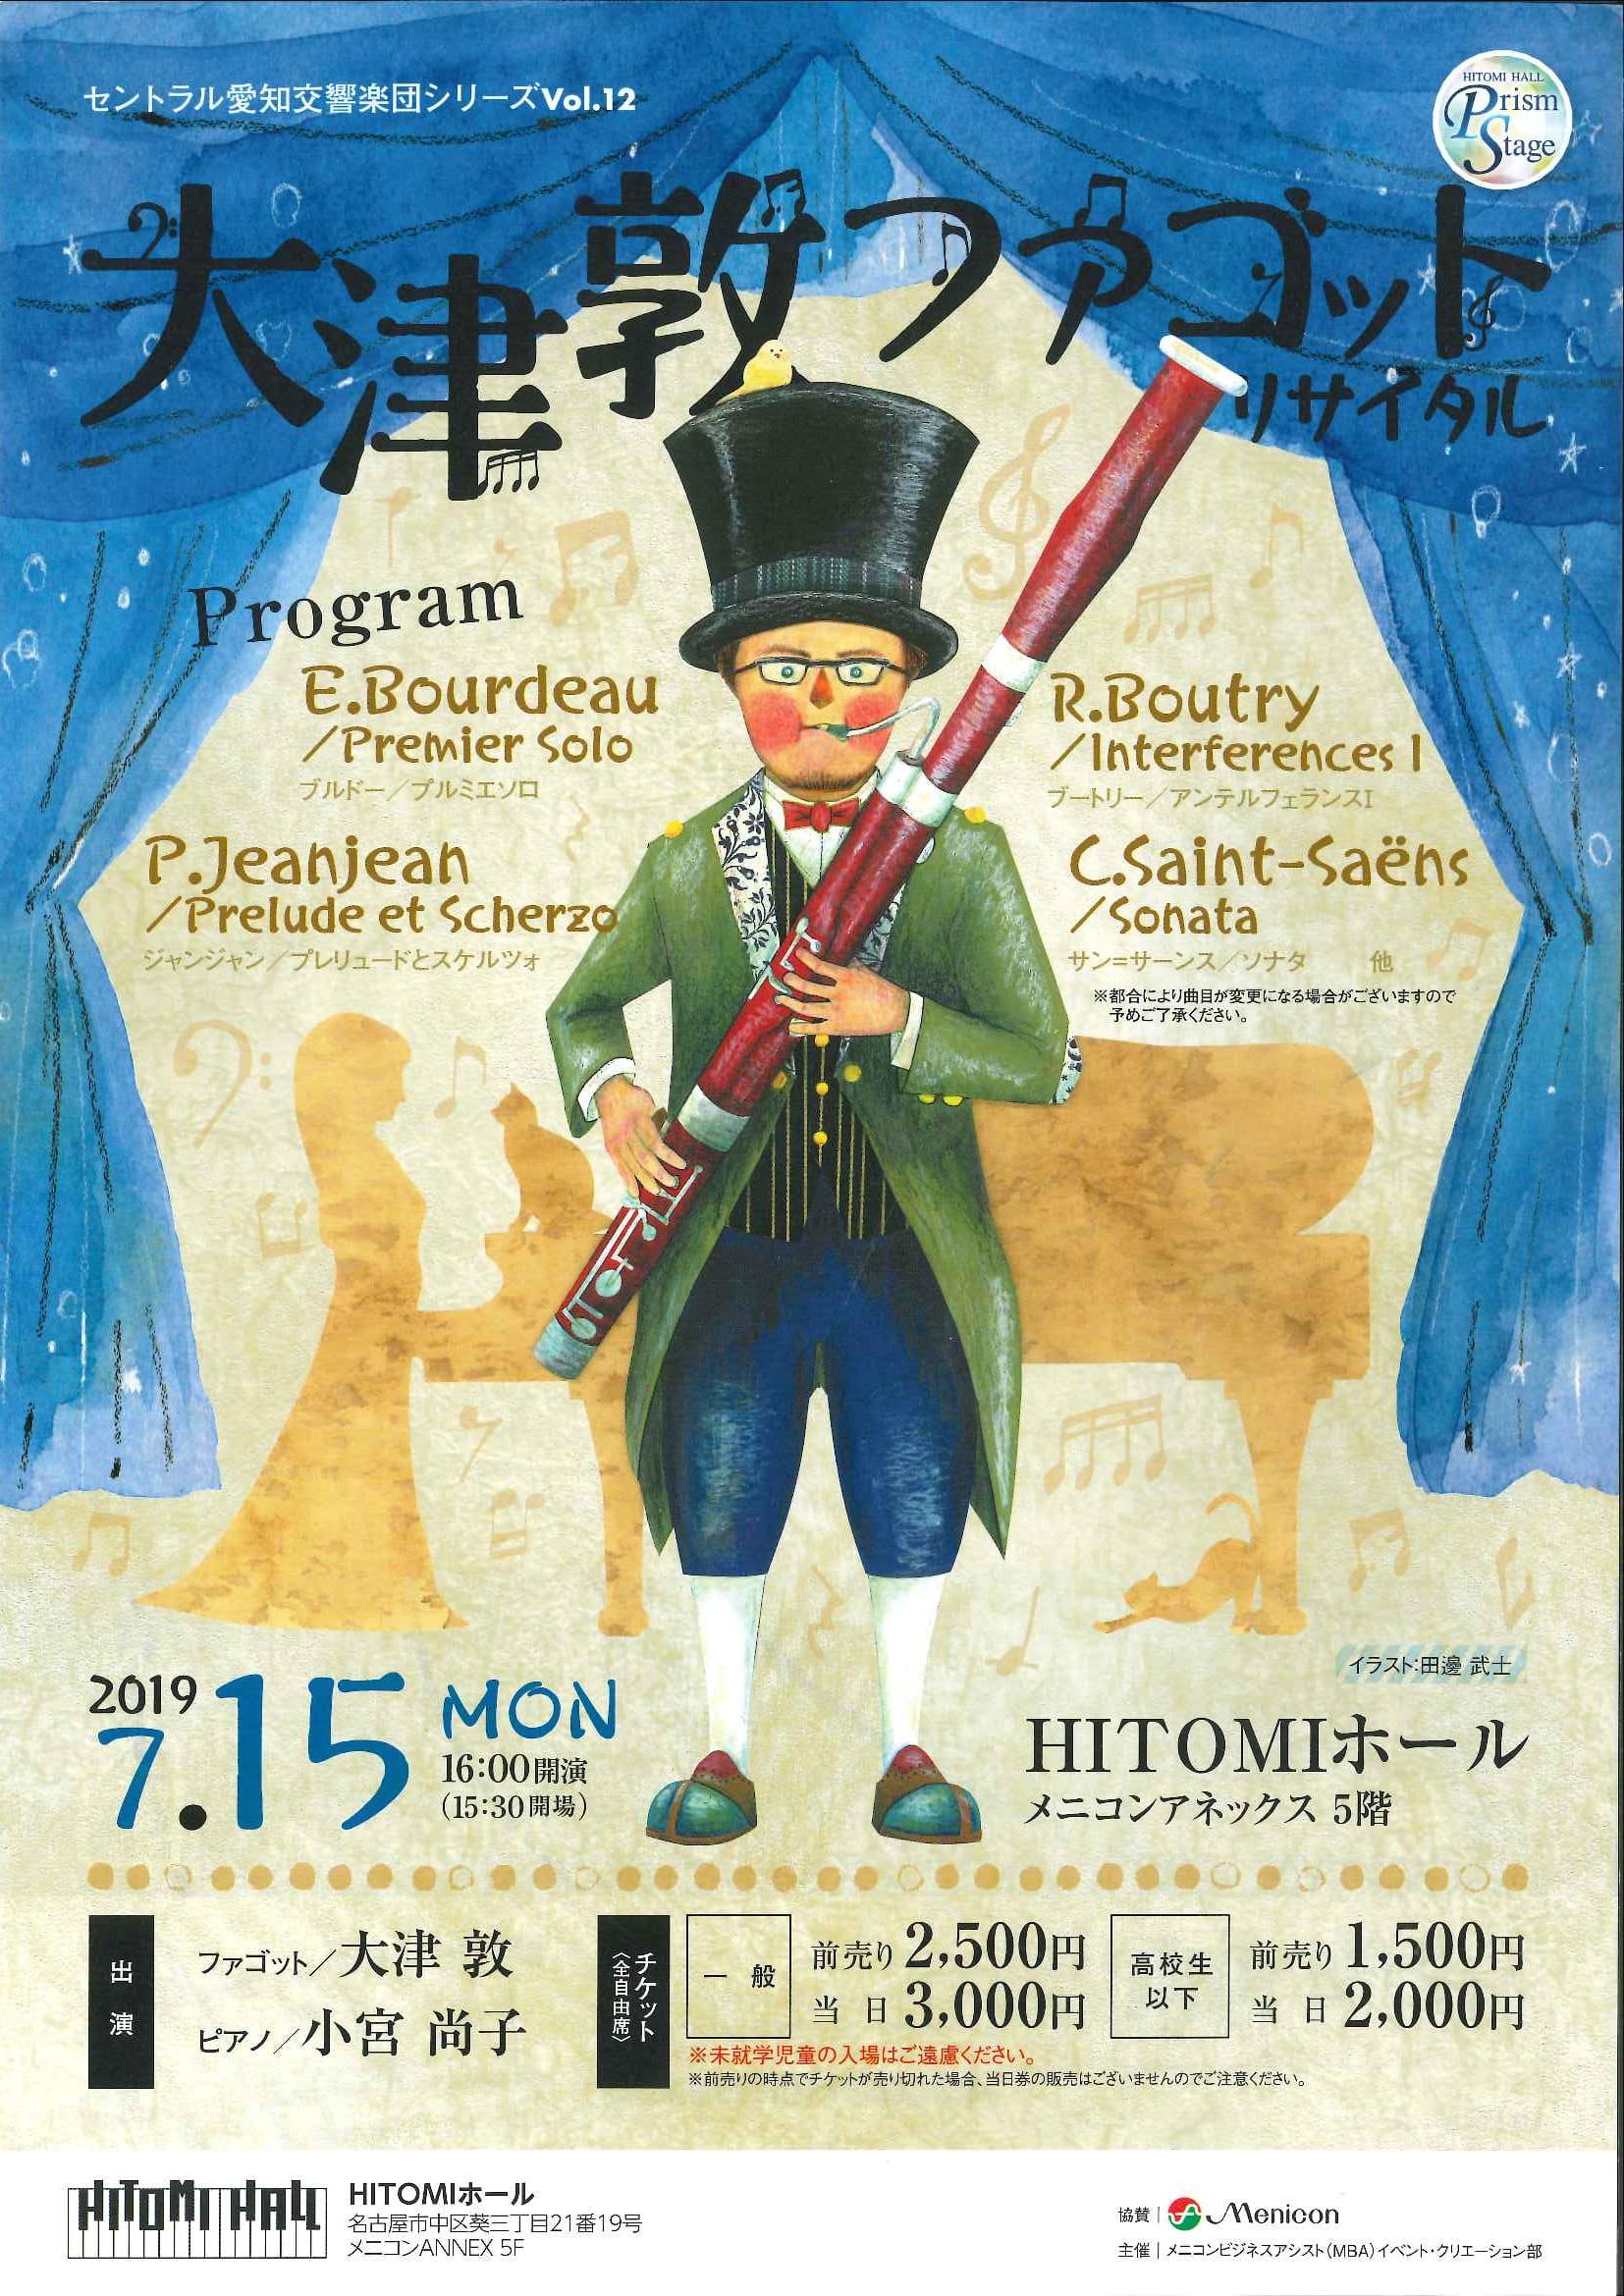 HITOMIホールプリズムステージ セントラル愛知交響楽団シリーズVol.12 大津敦ファゴットリサイタル